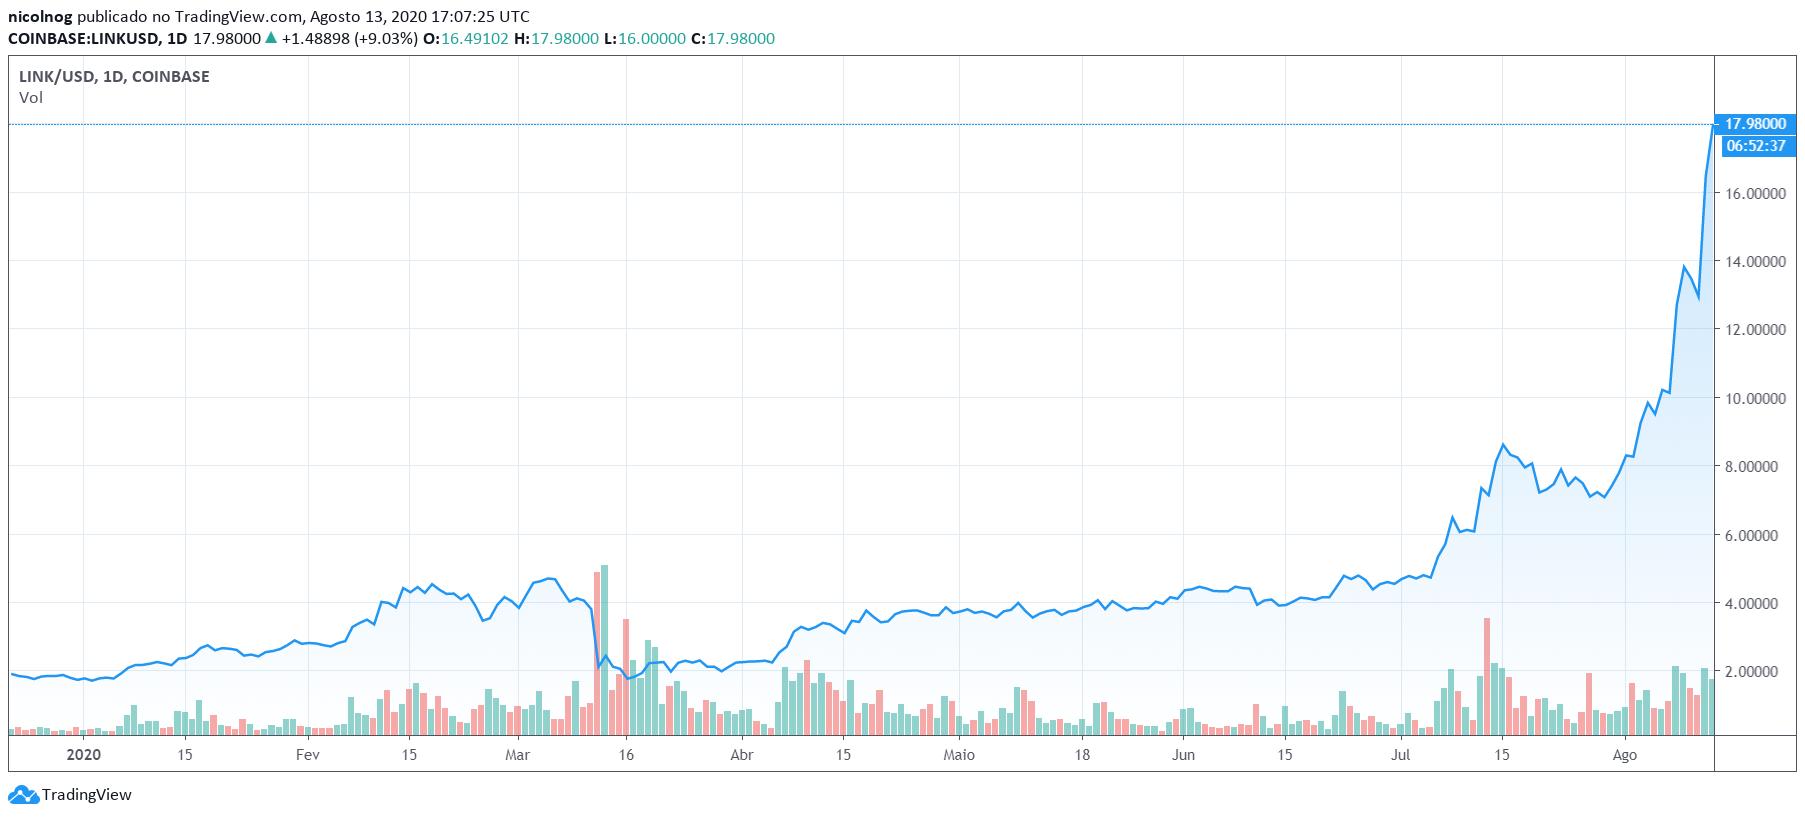 Preço do Link-USD no ano de 2020